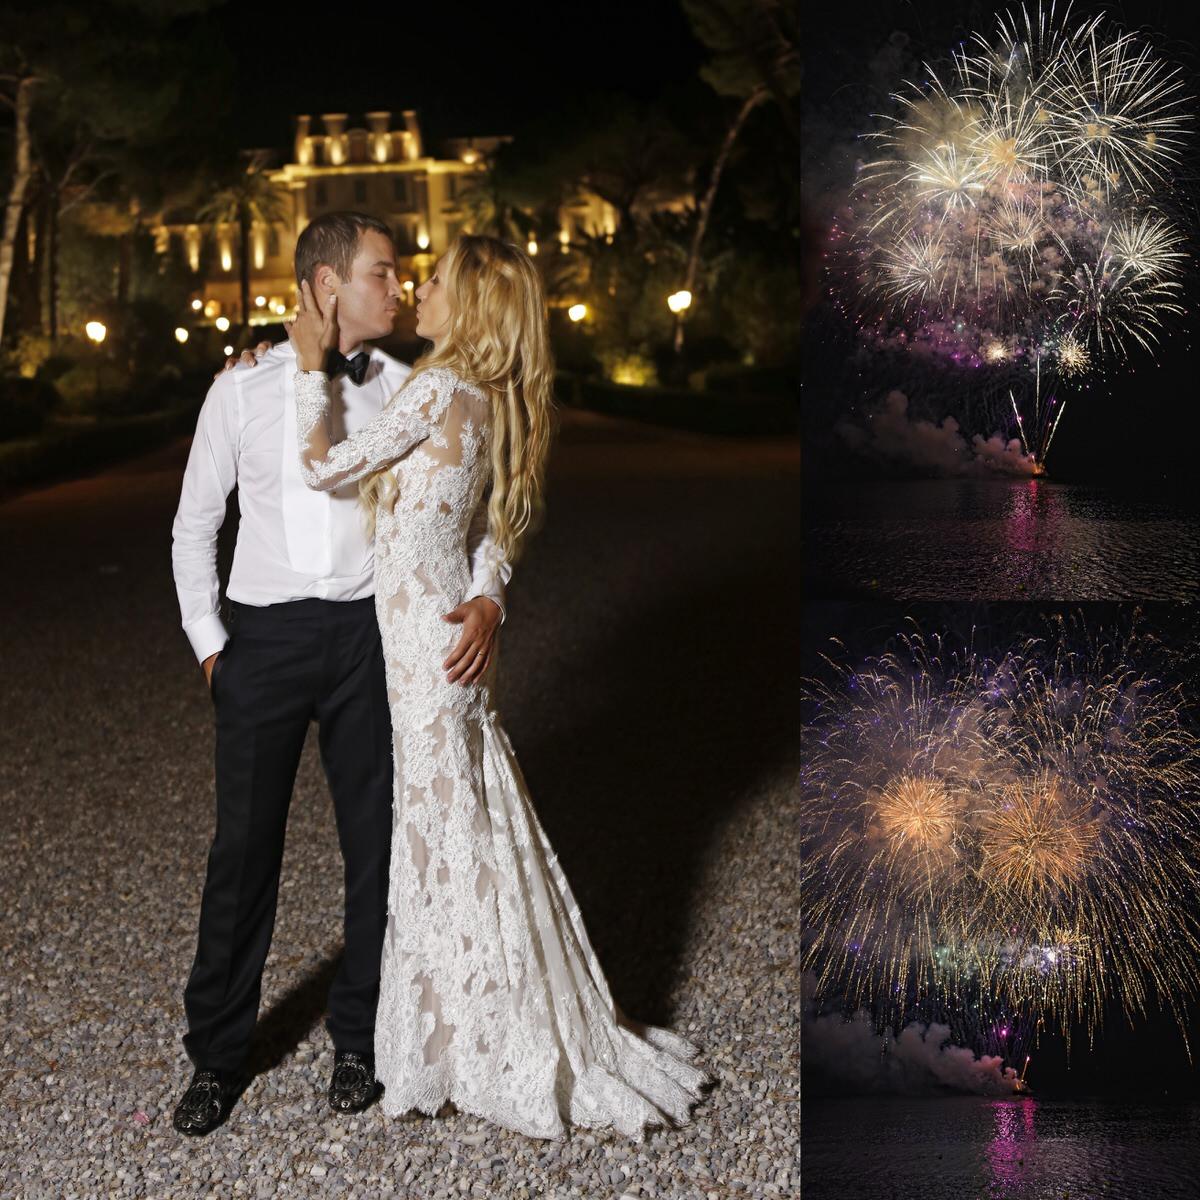 french-wedding-wedding-in-france-destination-wedding-photographer_0026.jpg